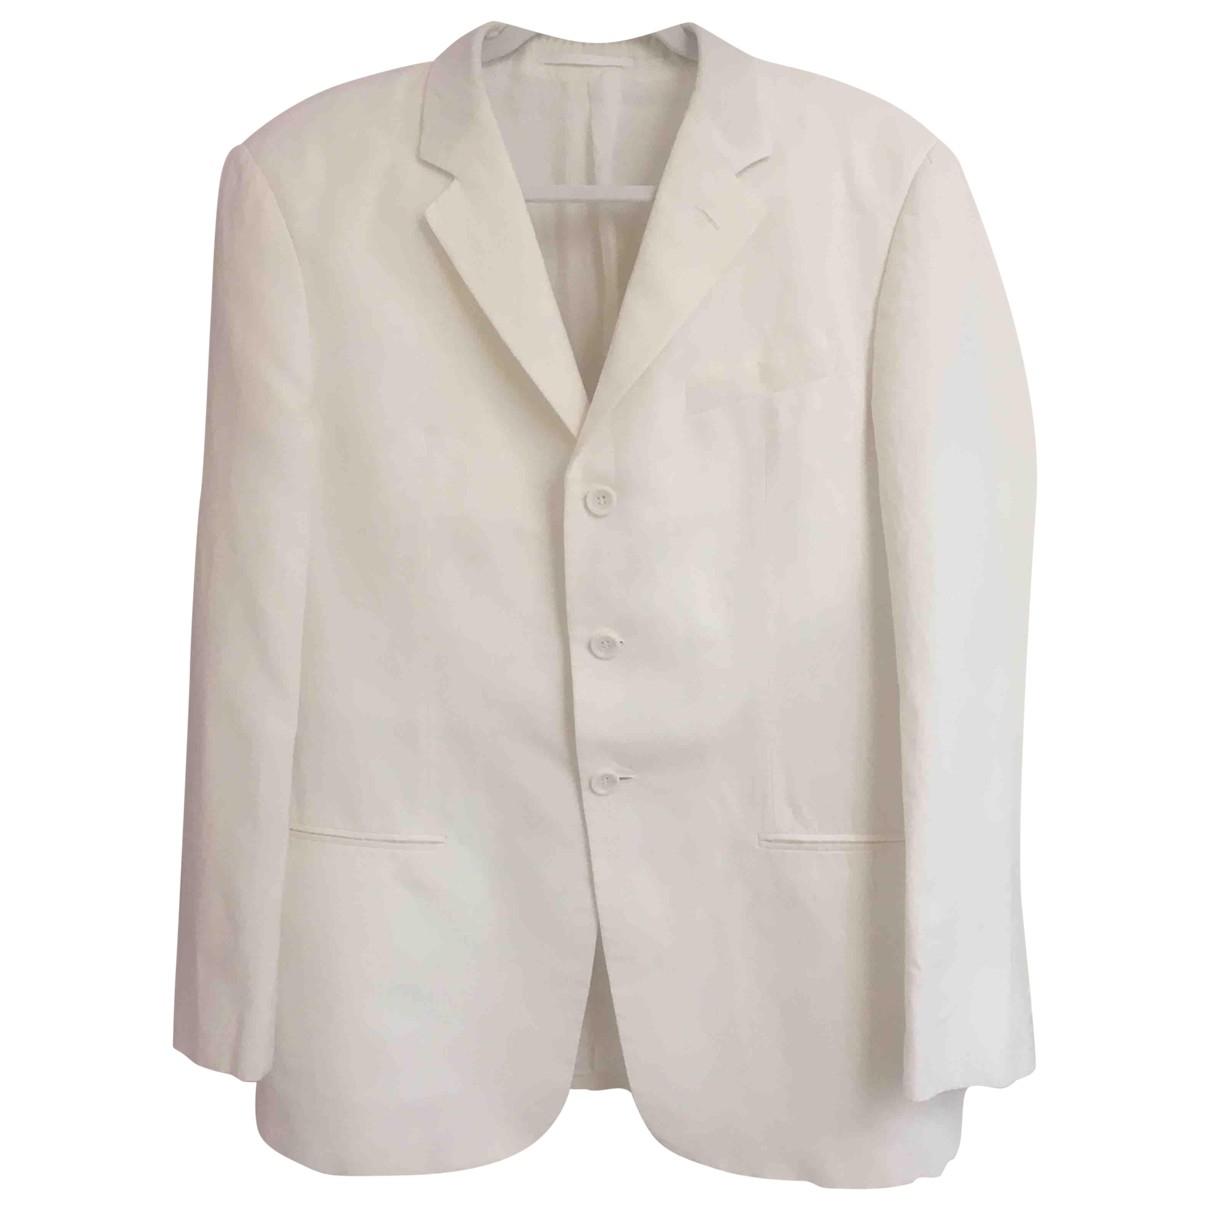 Armani Collezioni - Costumes   pour homme en lin - blanc